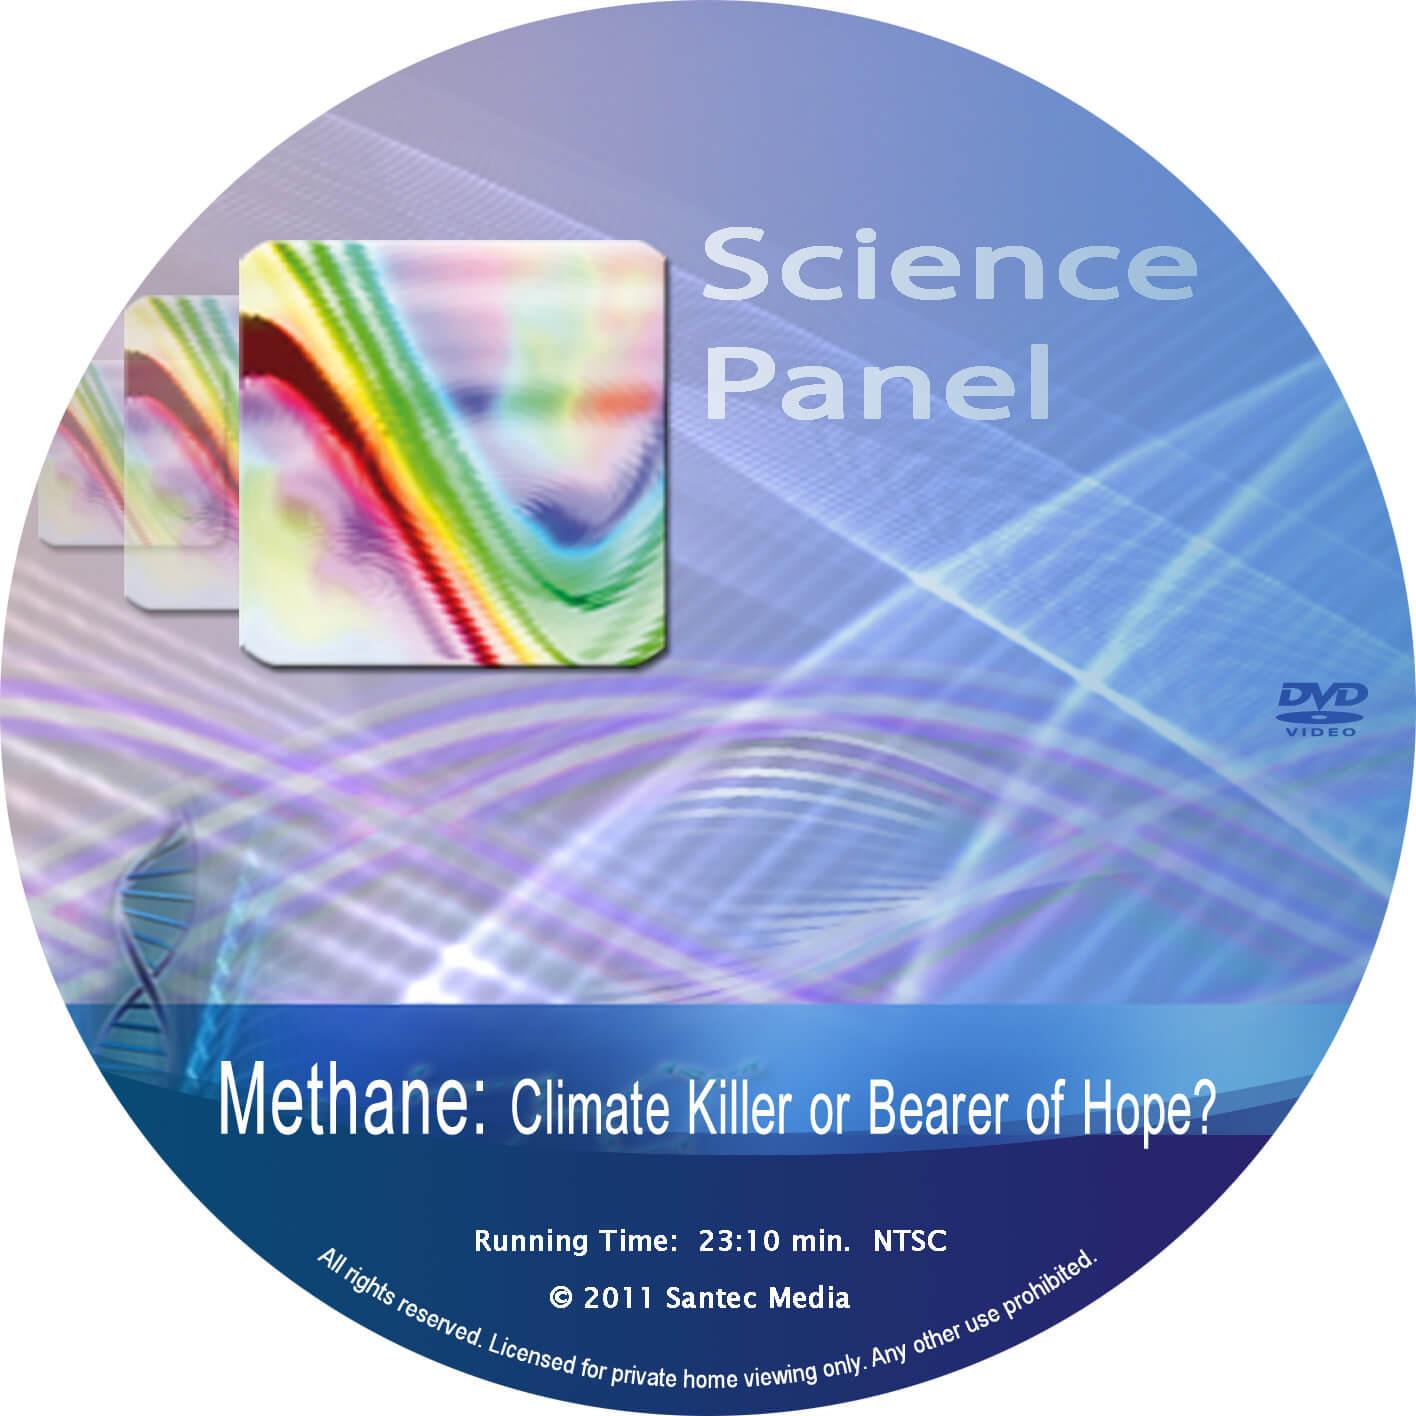 Methane - Climate Killer or Bearer of Hope